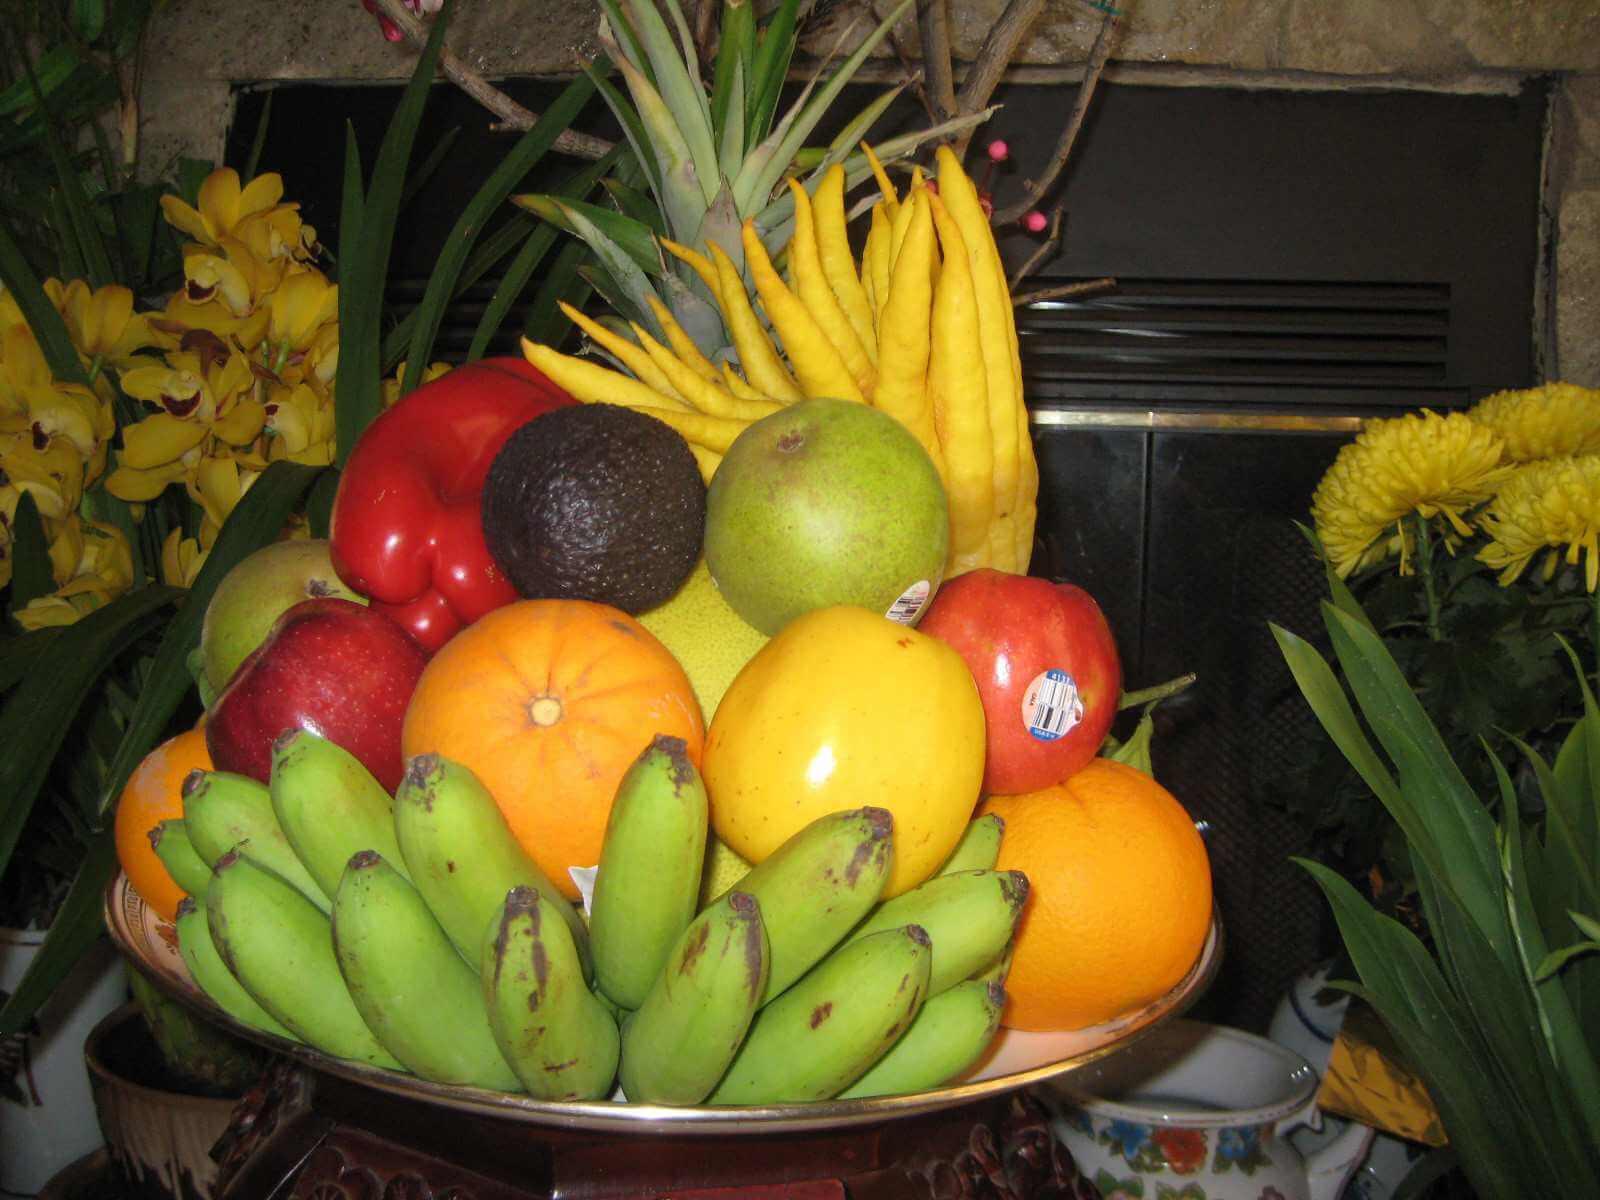 Ngày Rằm tháng Giêng, dâng cúng hoa quả gì để cả năm may mắn?